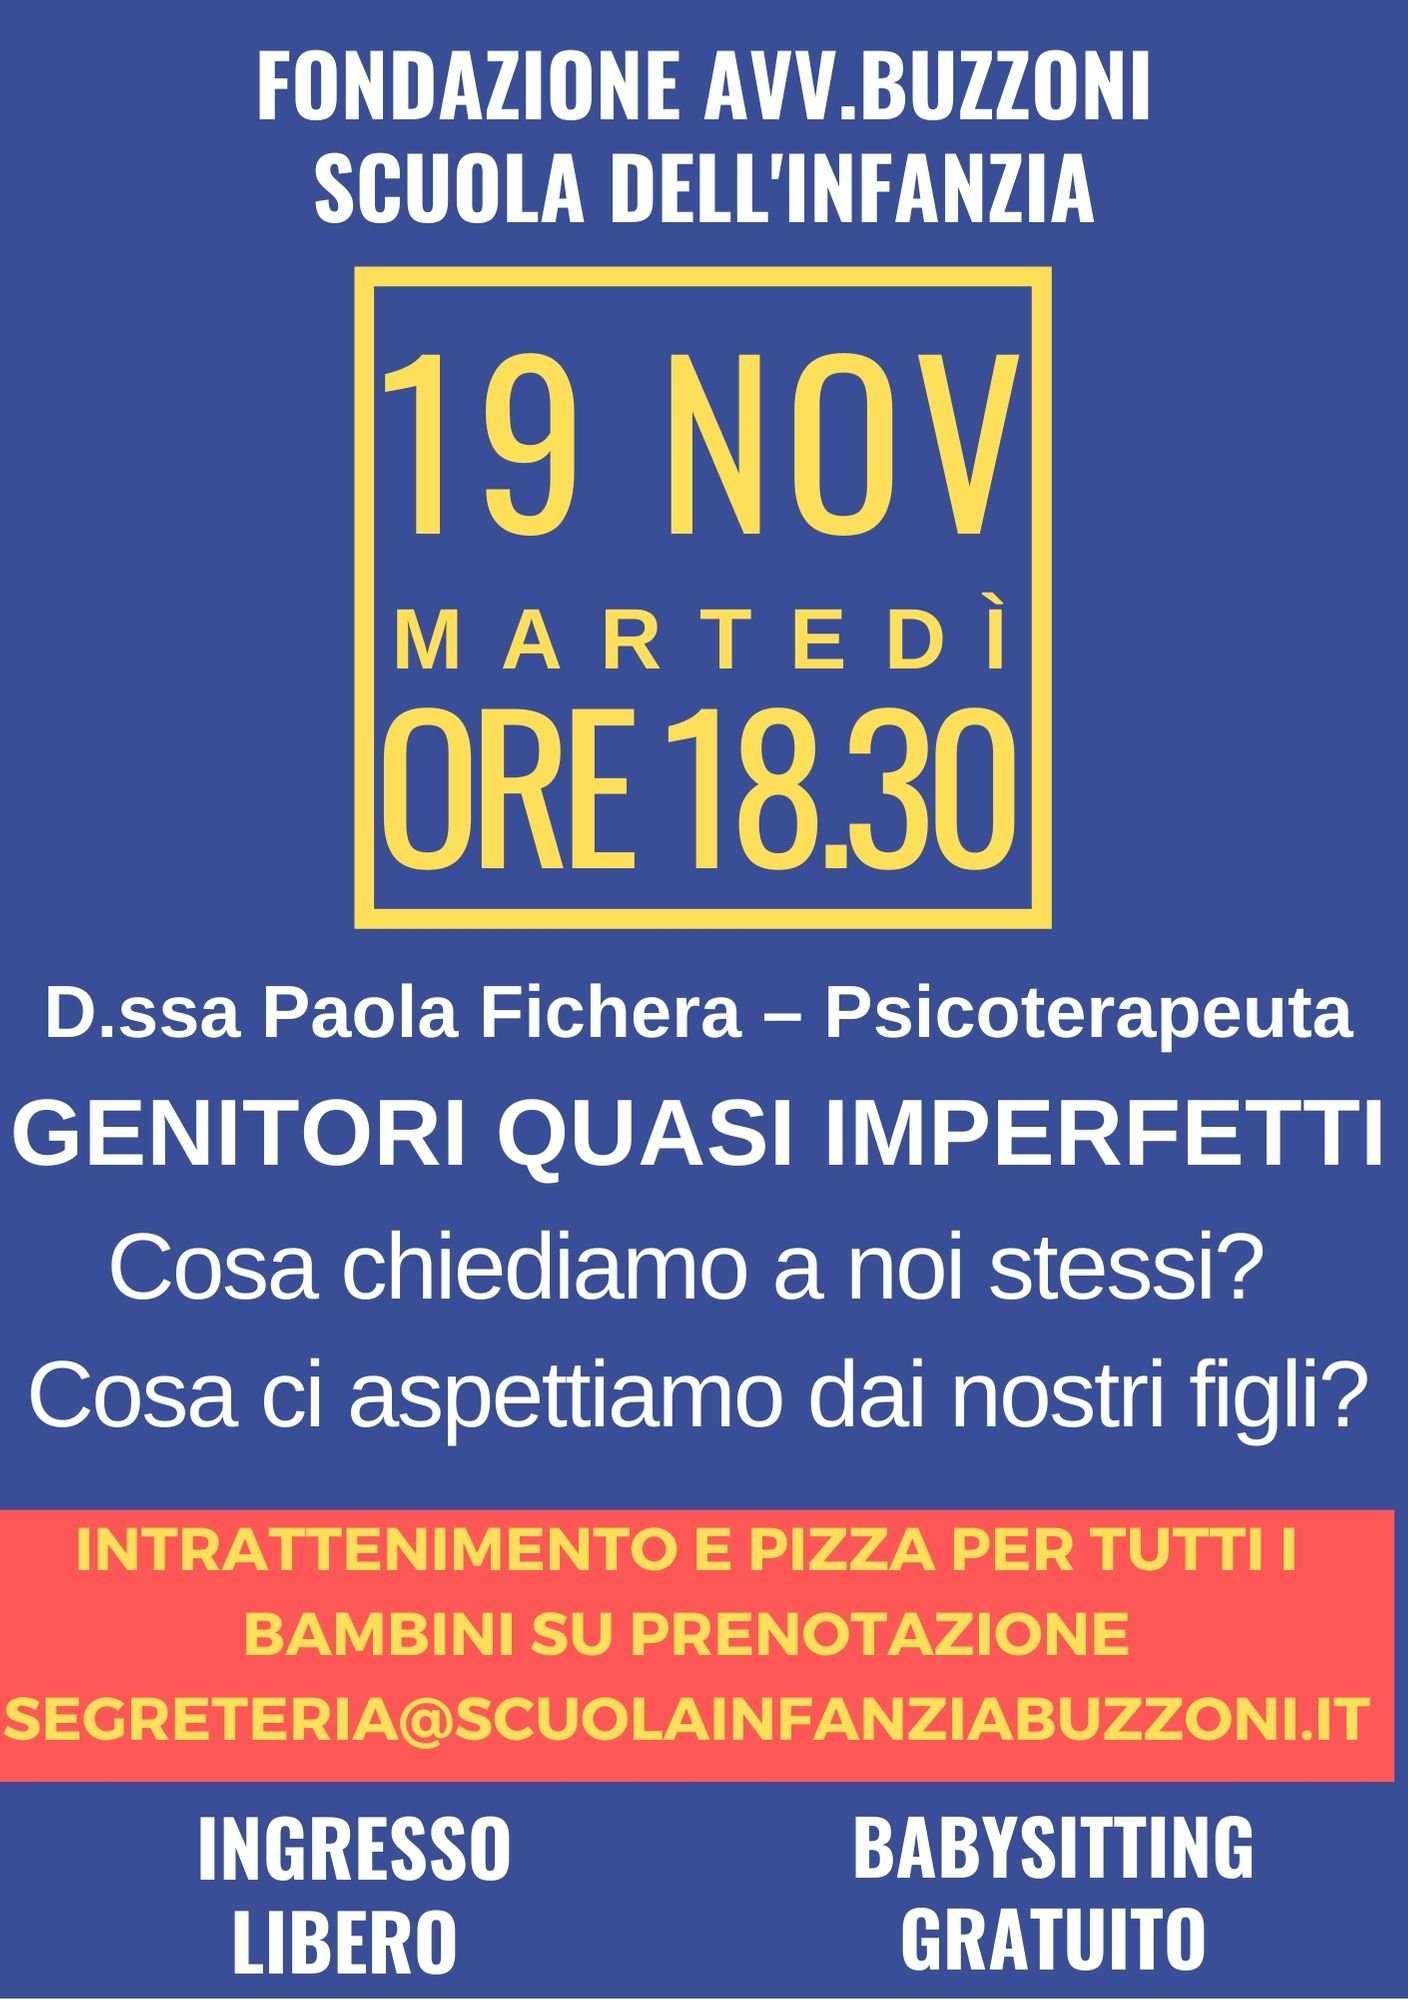 Genitori quasi imperfetti - incontro 19 Novembre 2019 - Scuola Materna Peschiera Borromeo